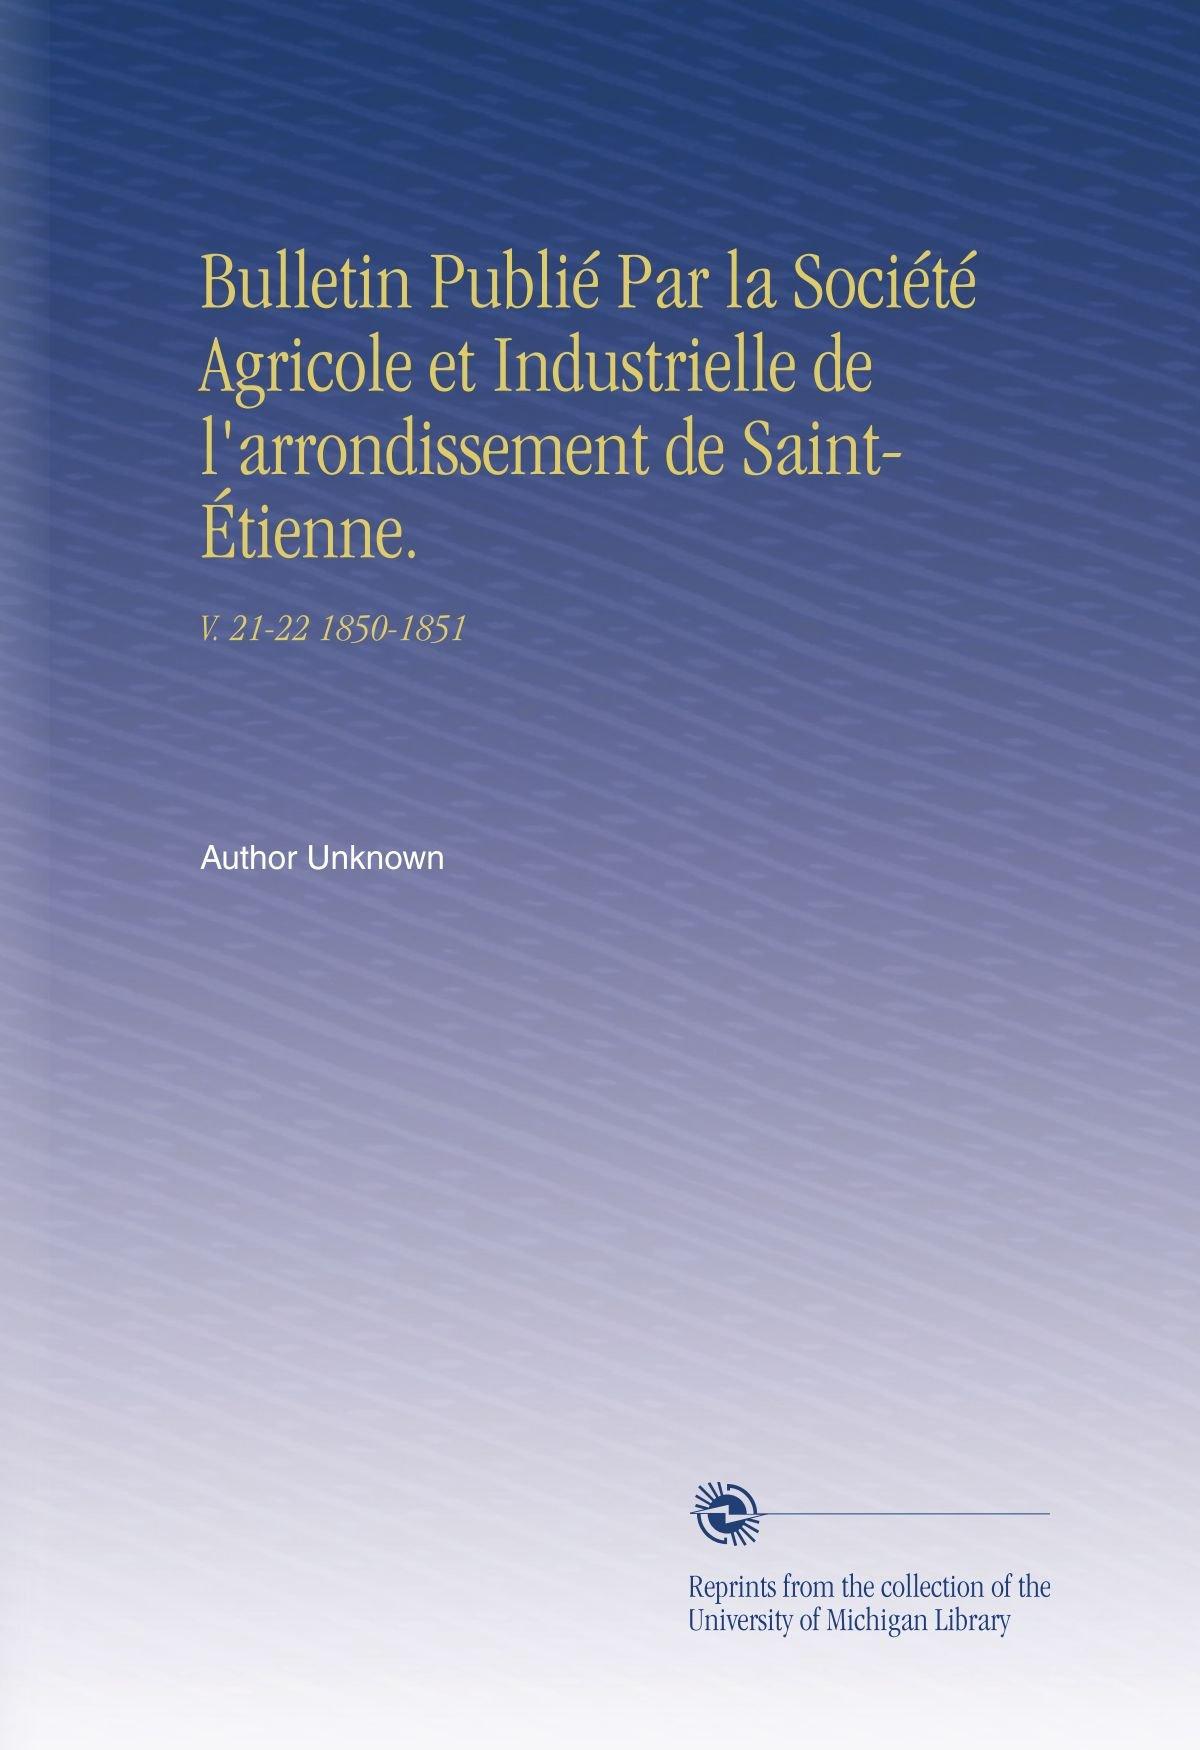 Bulletin Publié Par la Société Agricole et Industrielle de l'arrondissement de Saint-Étienne.: V.  21-22 1850-1851 (French Edition) pdf